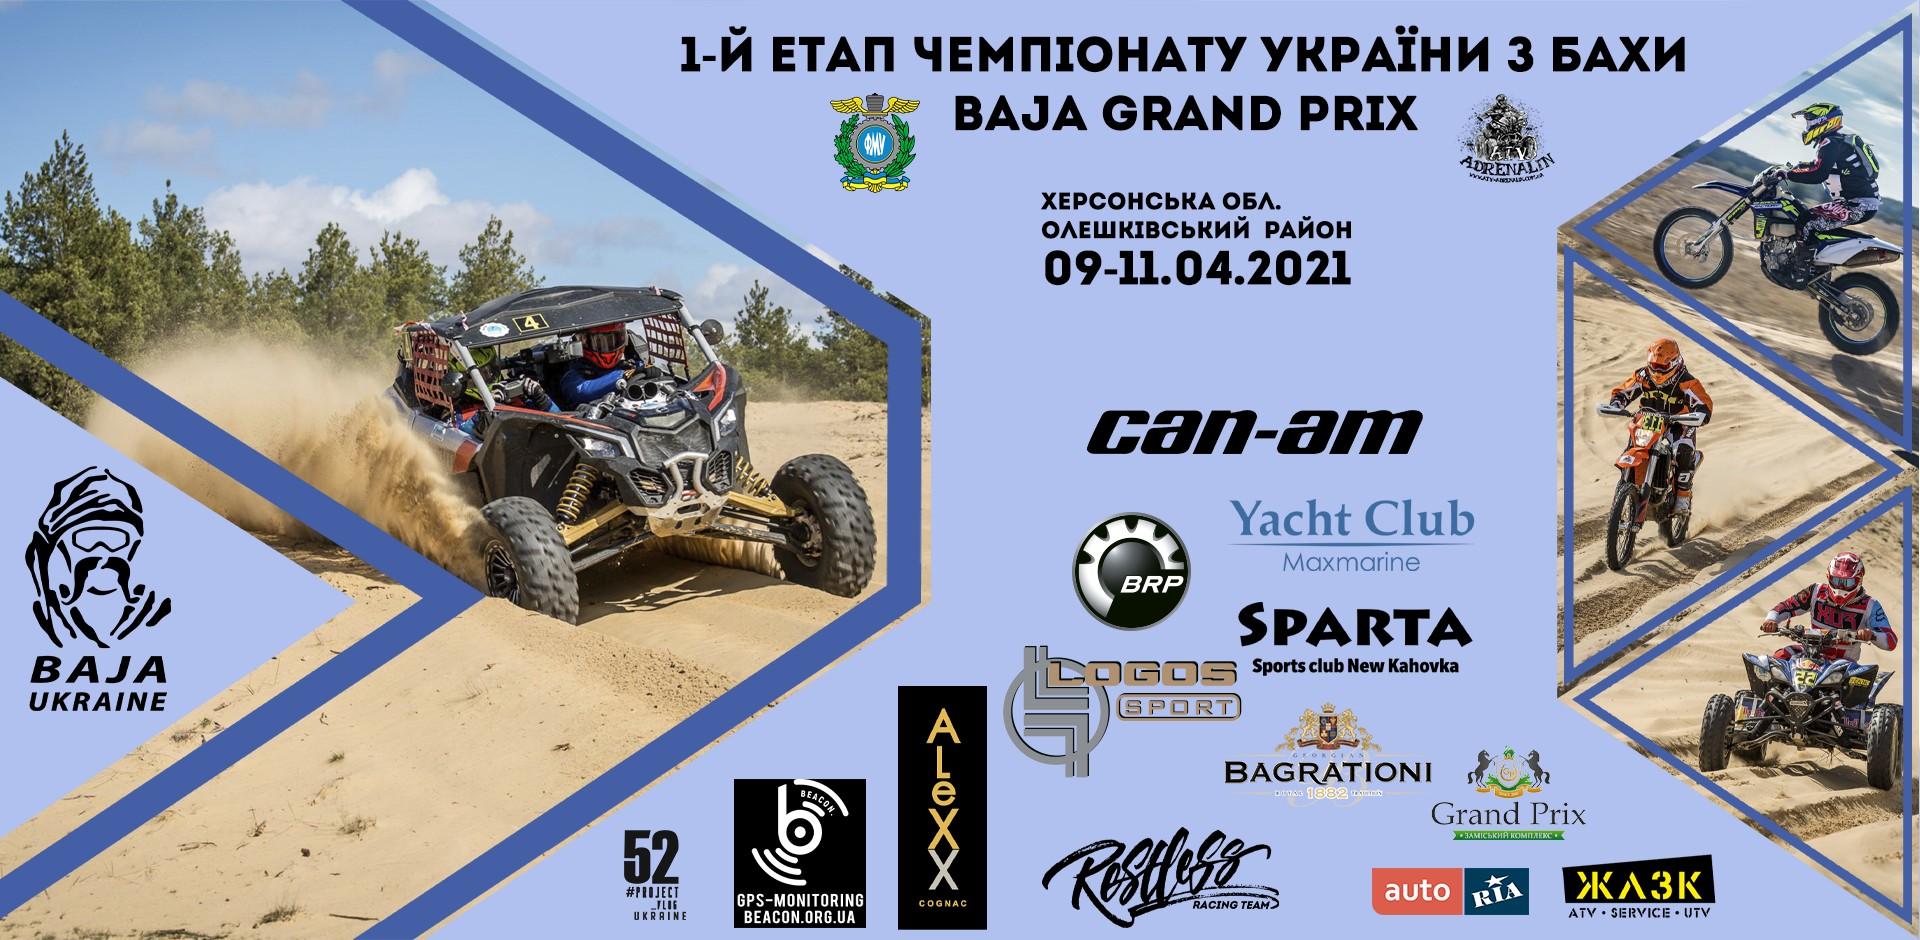 Чемпіонат України з BAJA 2021. 1-й етап